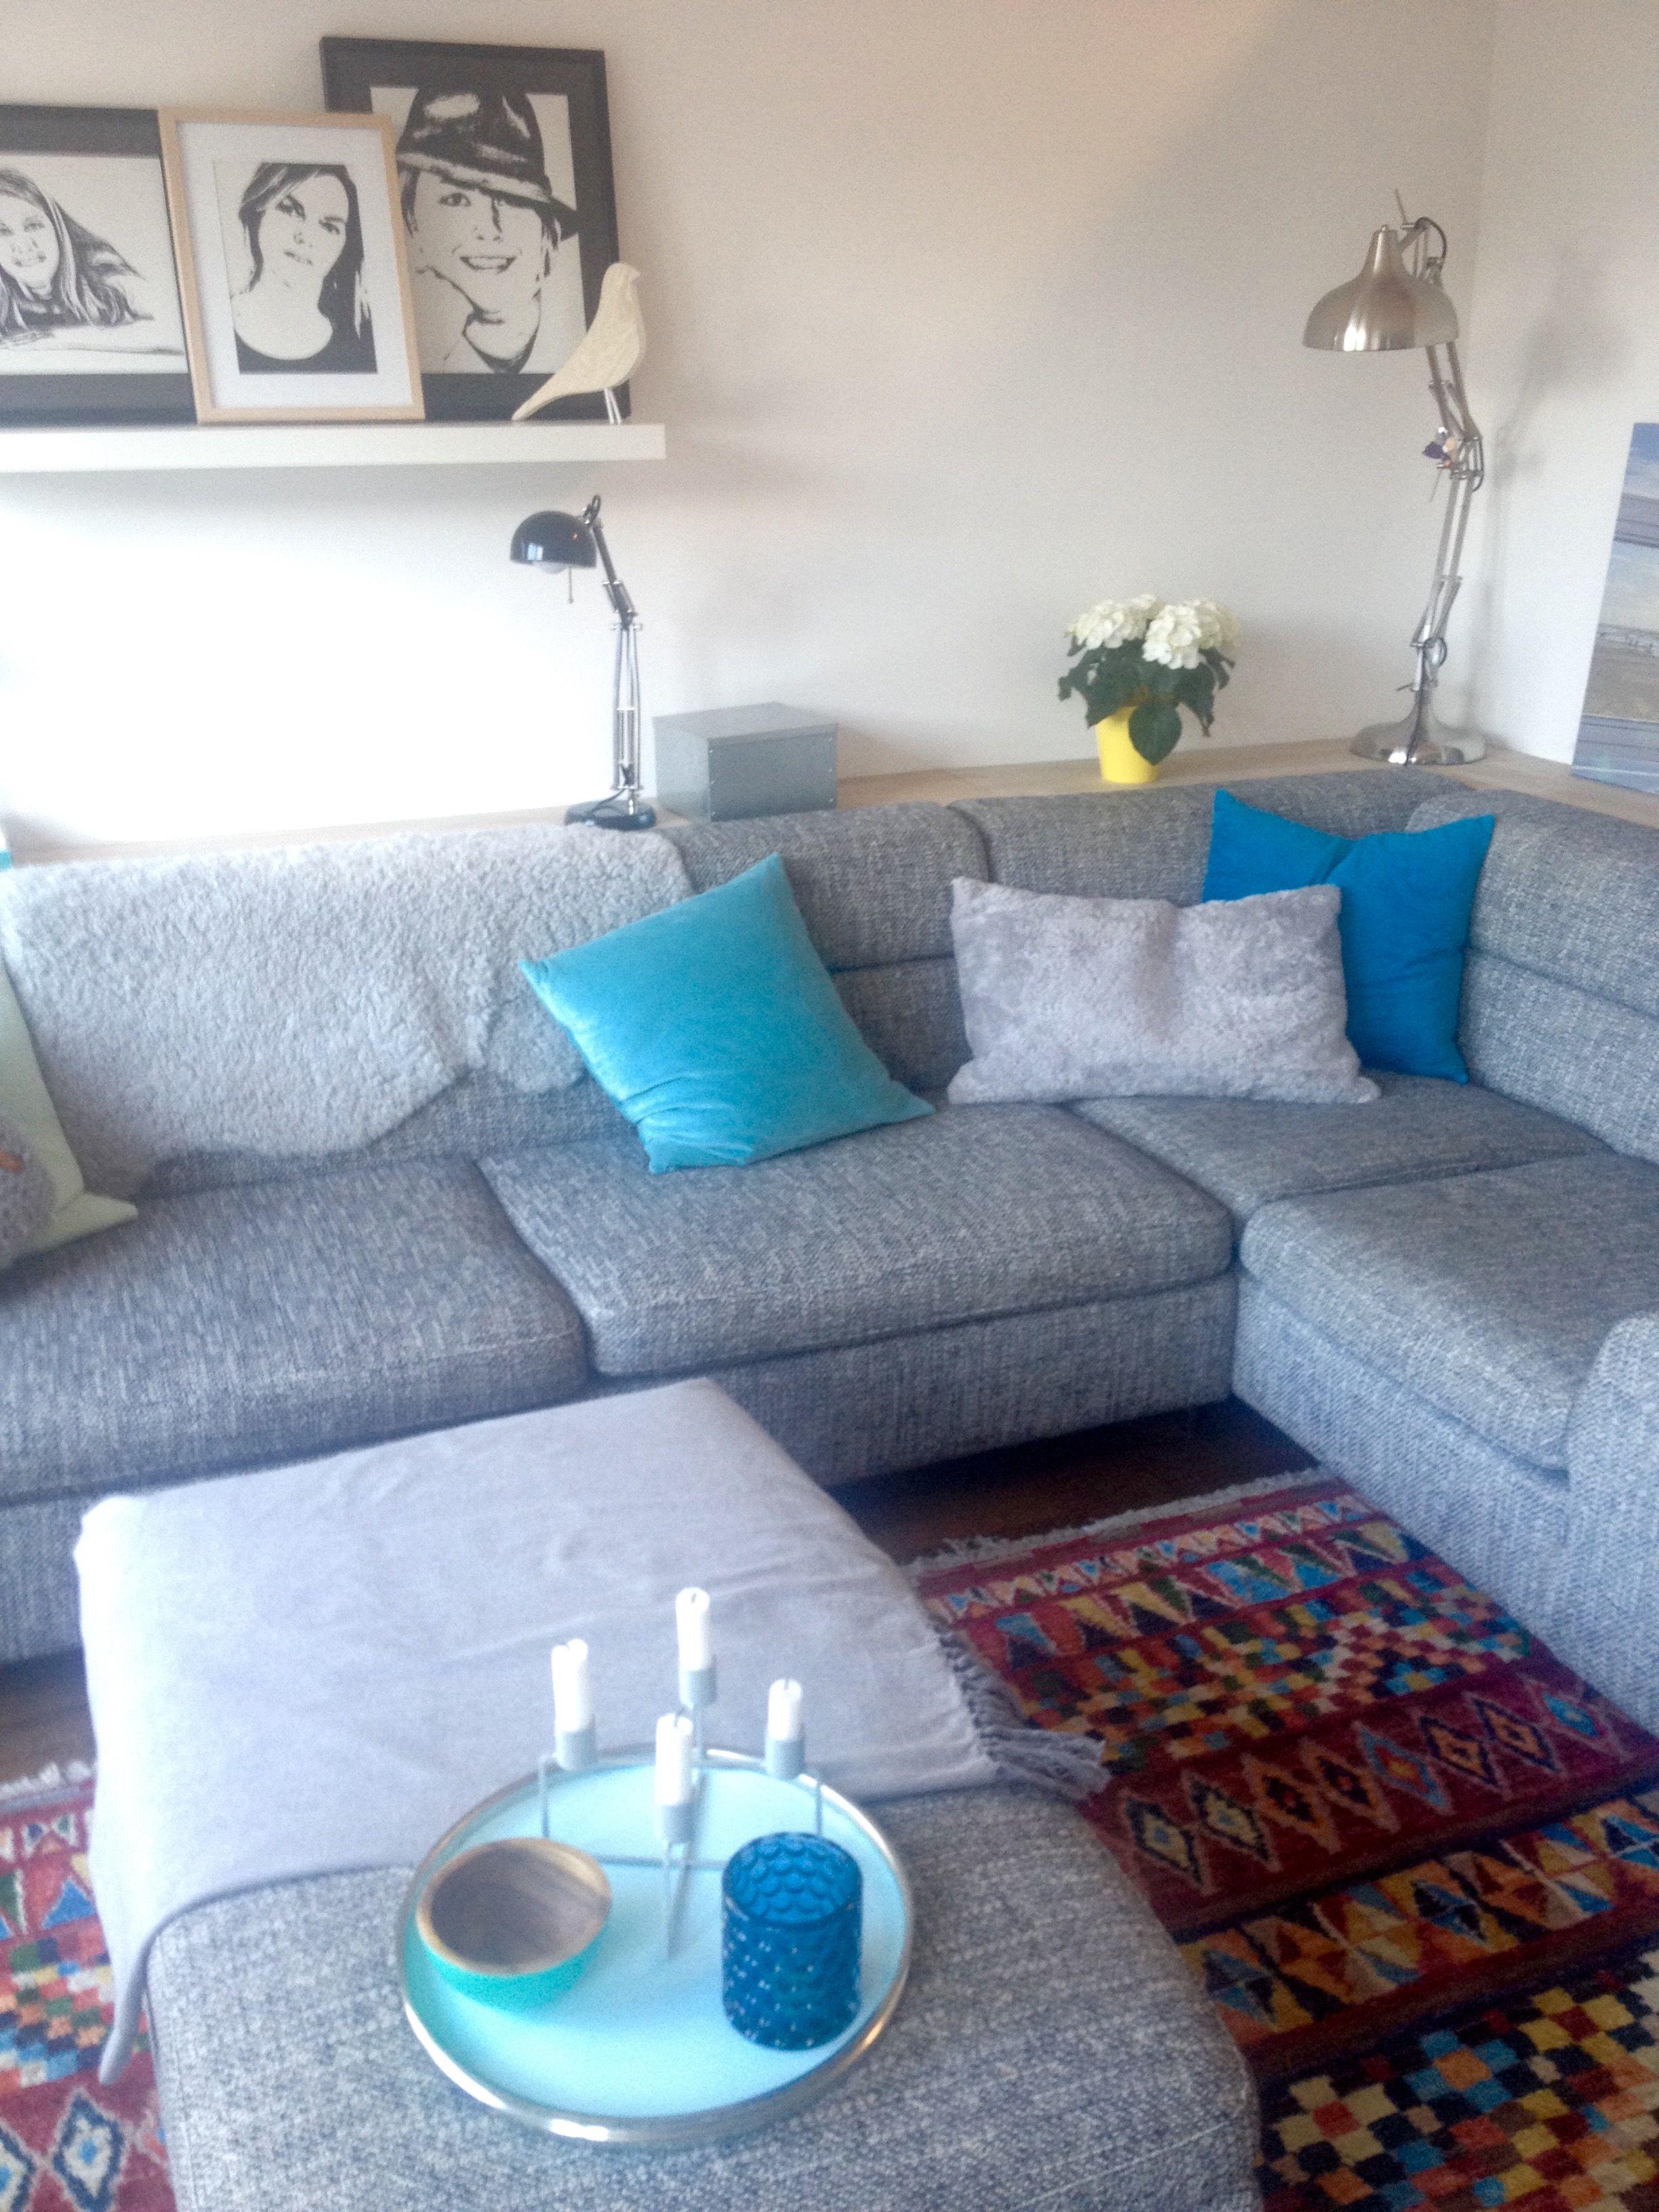 ikea blaue kissen grau teppich ethno kare lampe sofaecke machalke wohnzimmer zuhause. Black Bedroom Furniture Sets. Home Design Ideas